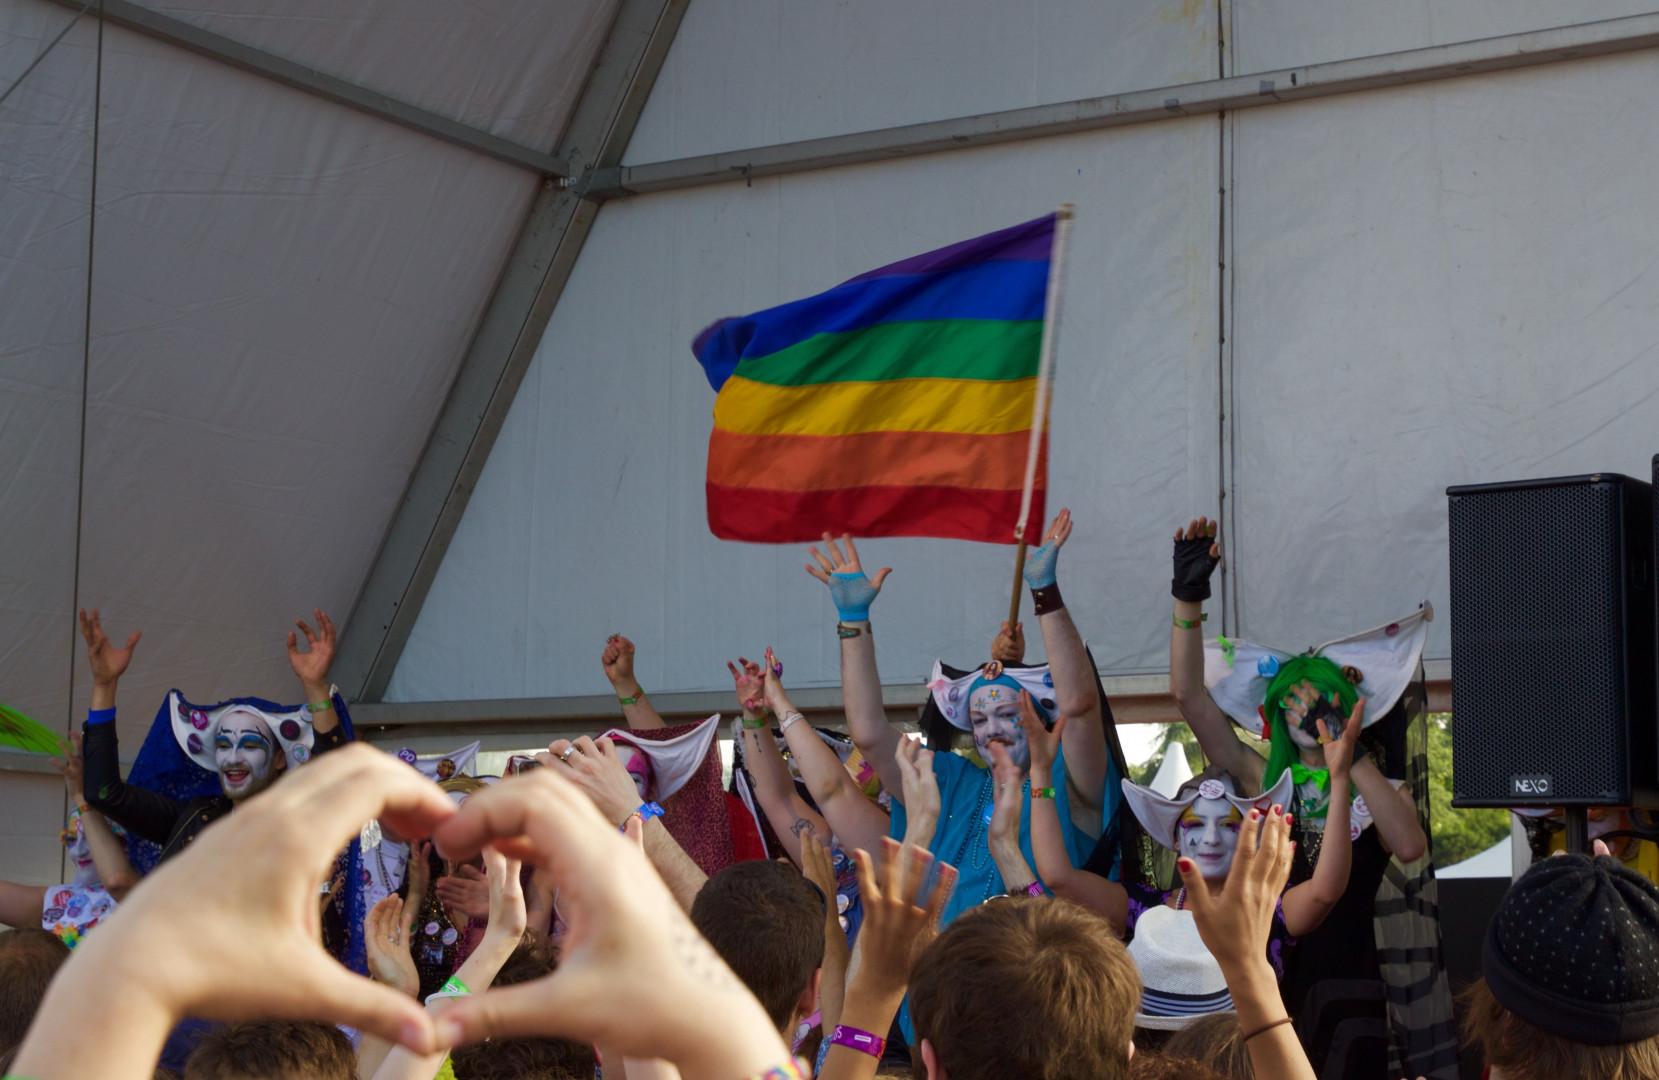 Les Soeurs de la Perpétuelle Indulgence sont nées à San Francisco en 1979 d'un groupe de militants homosexuels